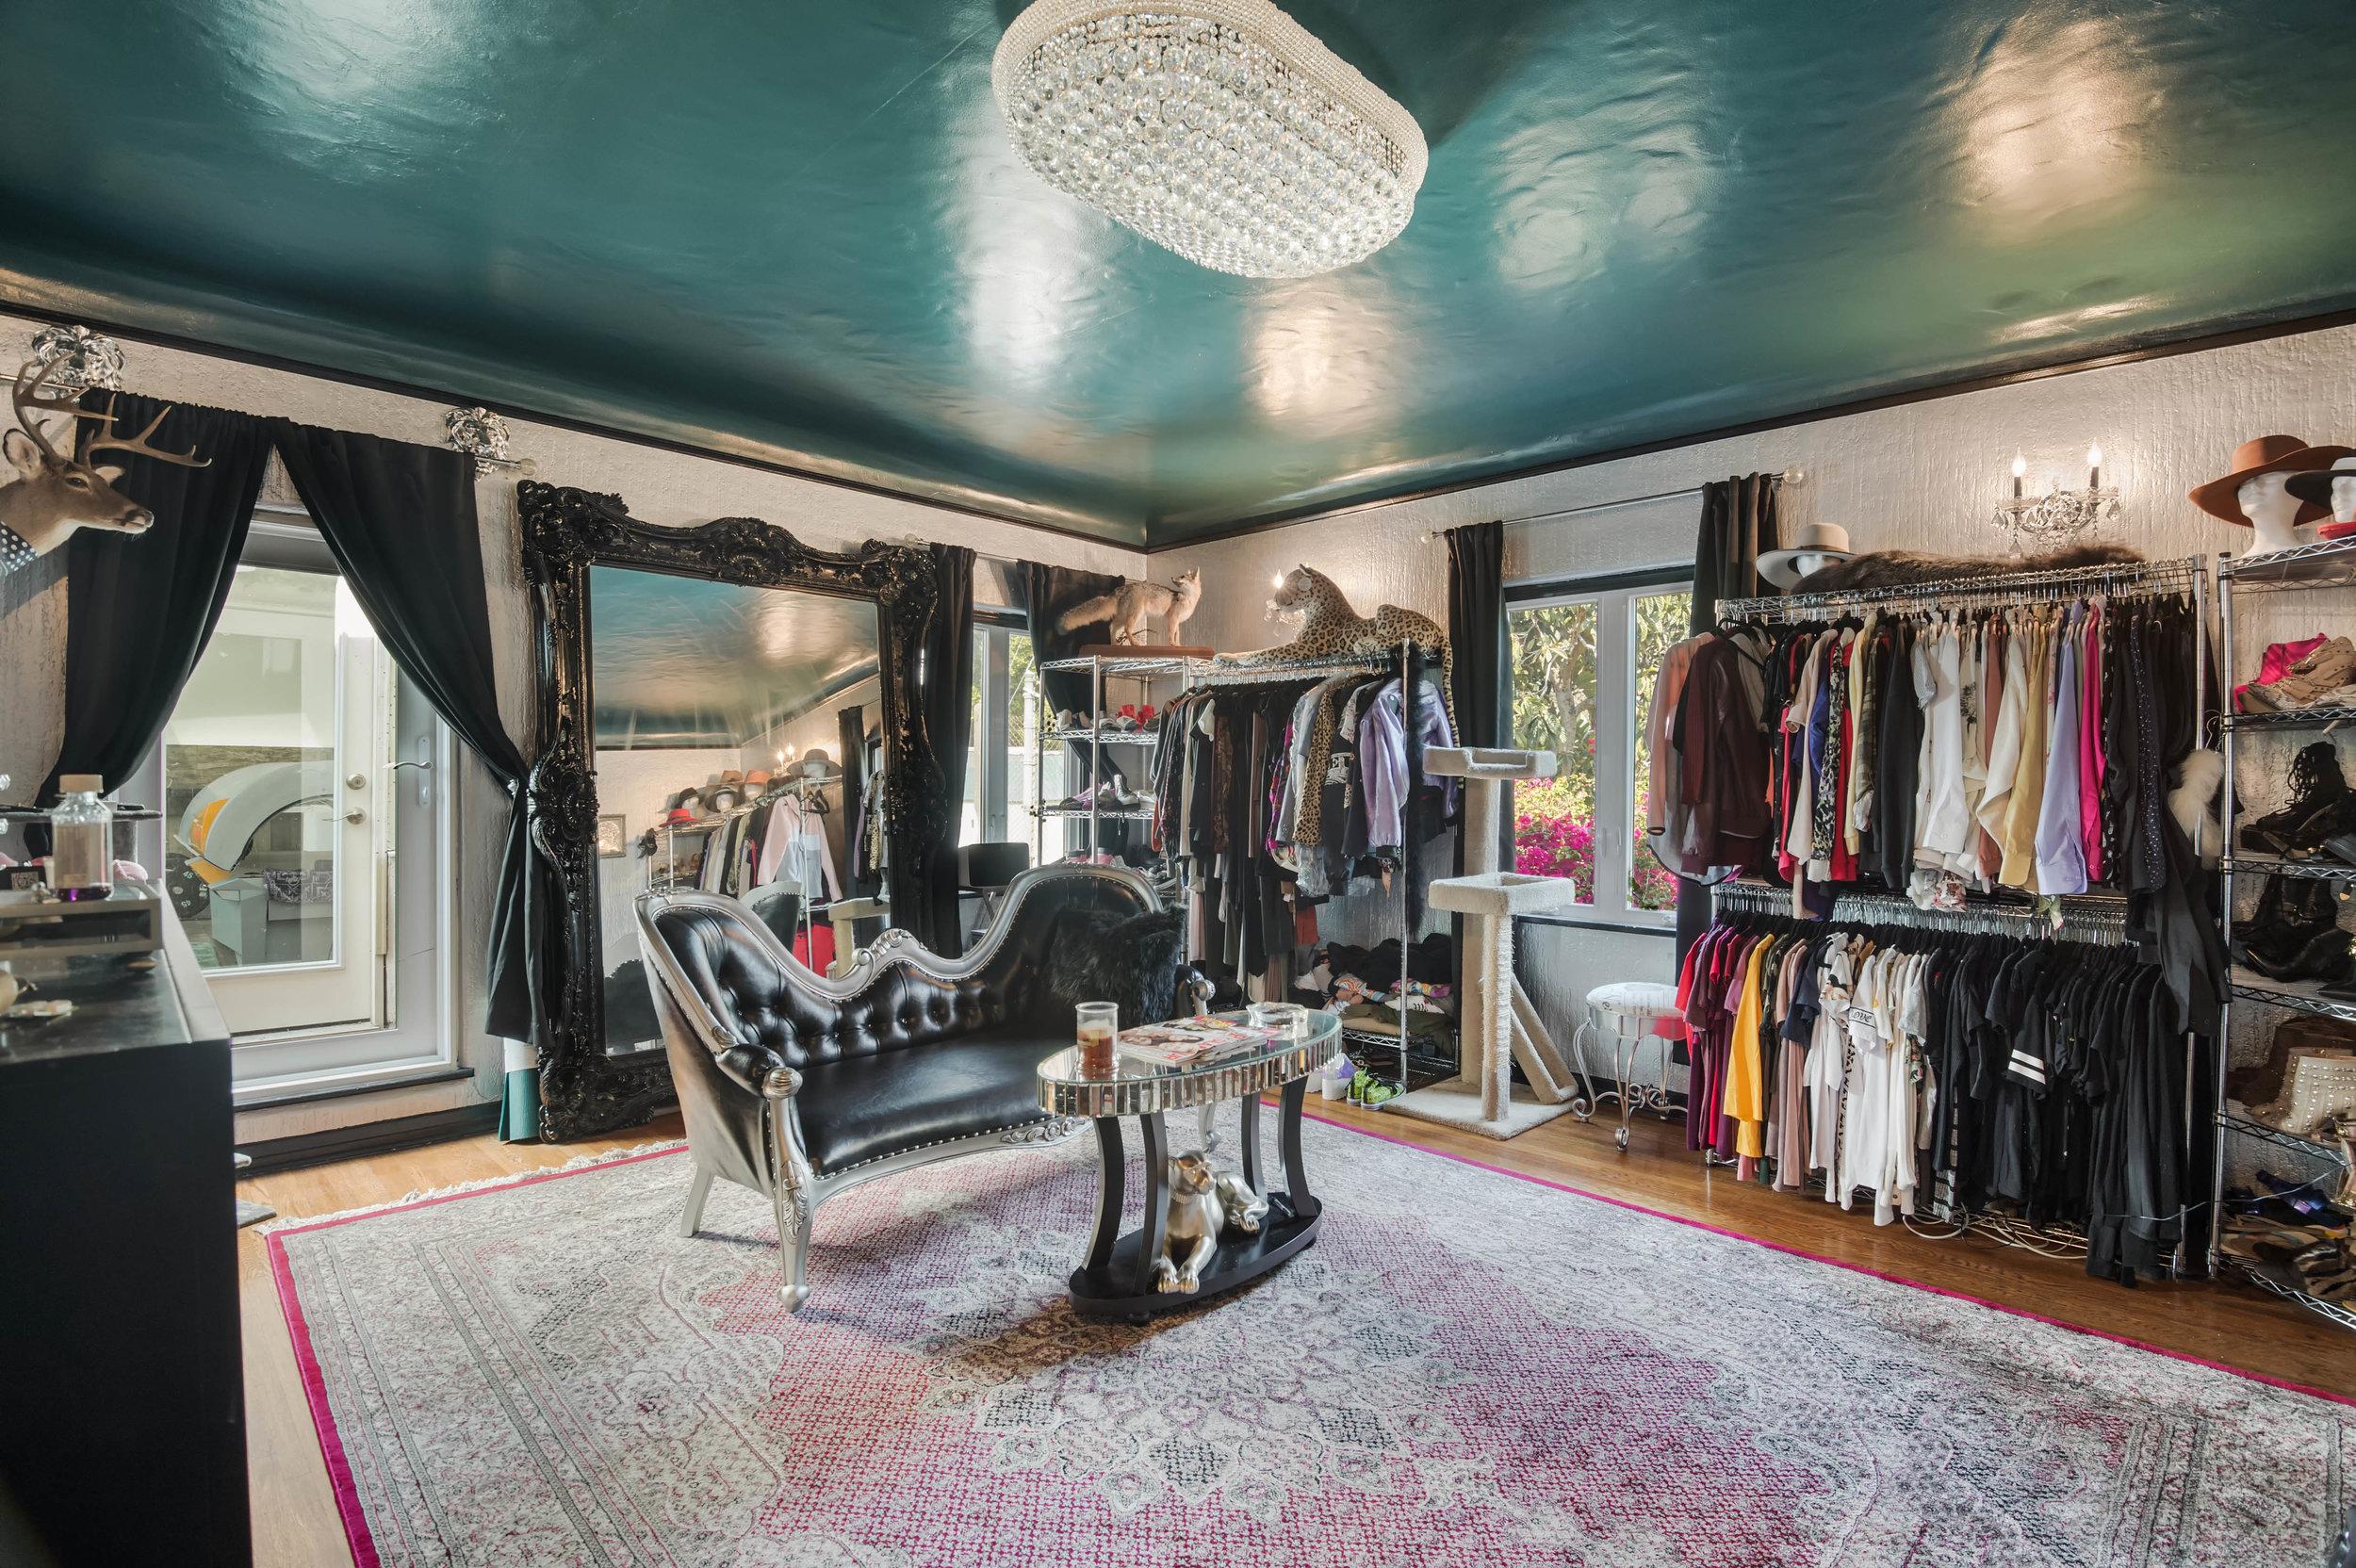 016 Closet 006 Pool 4915 Los Feliz For Sale Los Angeles Lease The Malibu Life Team Luxury Real Estate.jpg